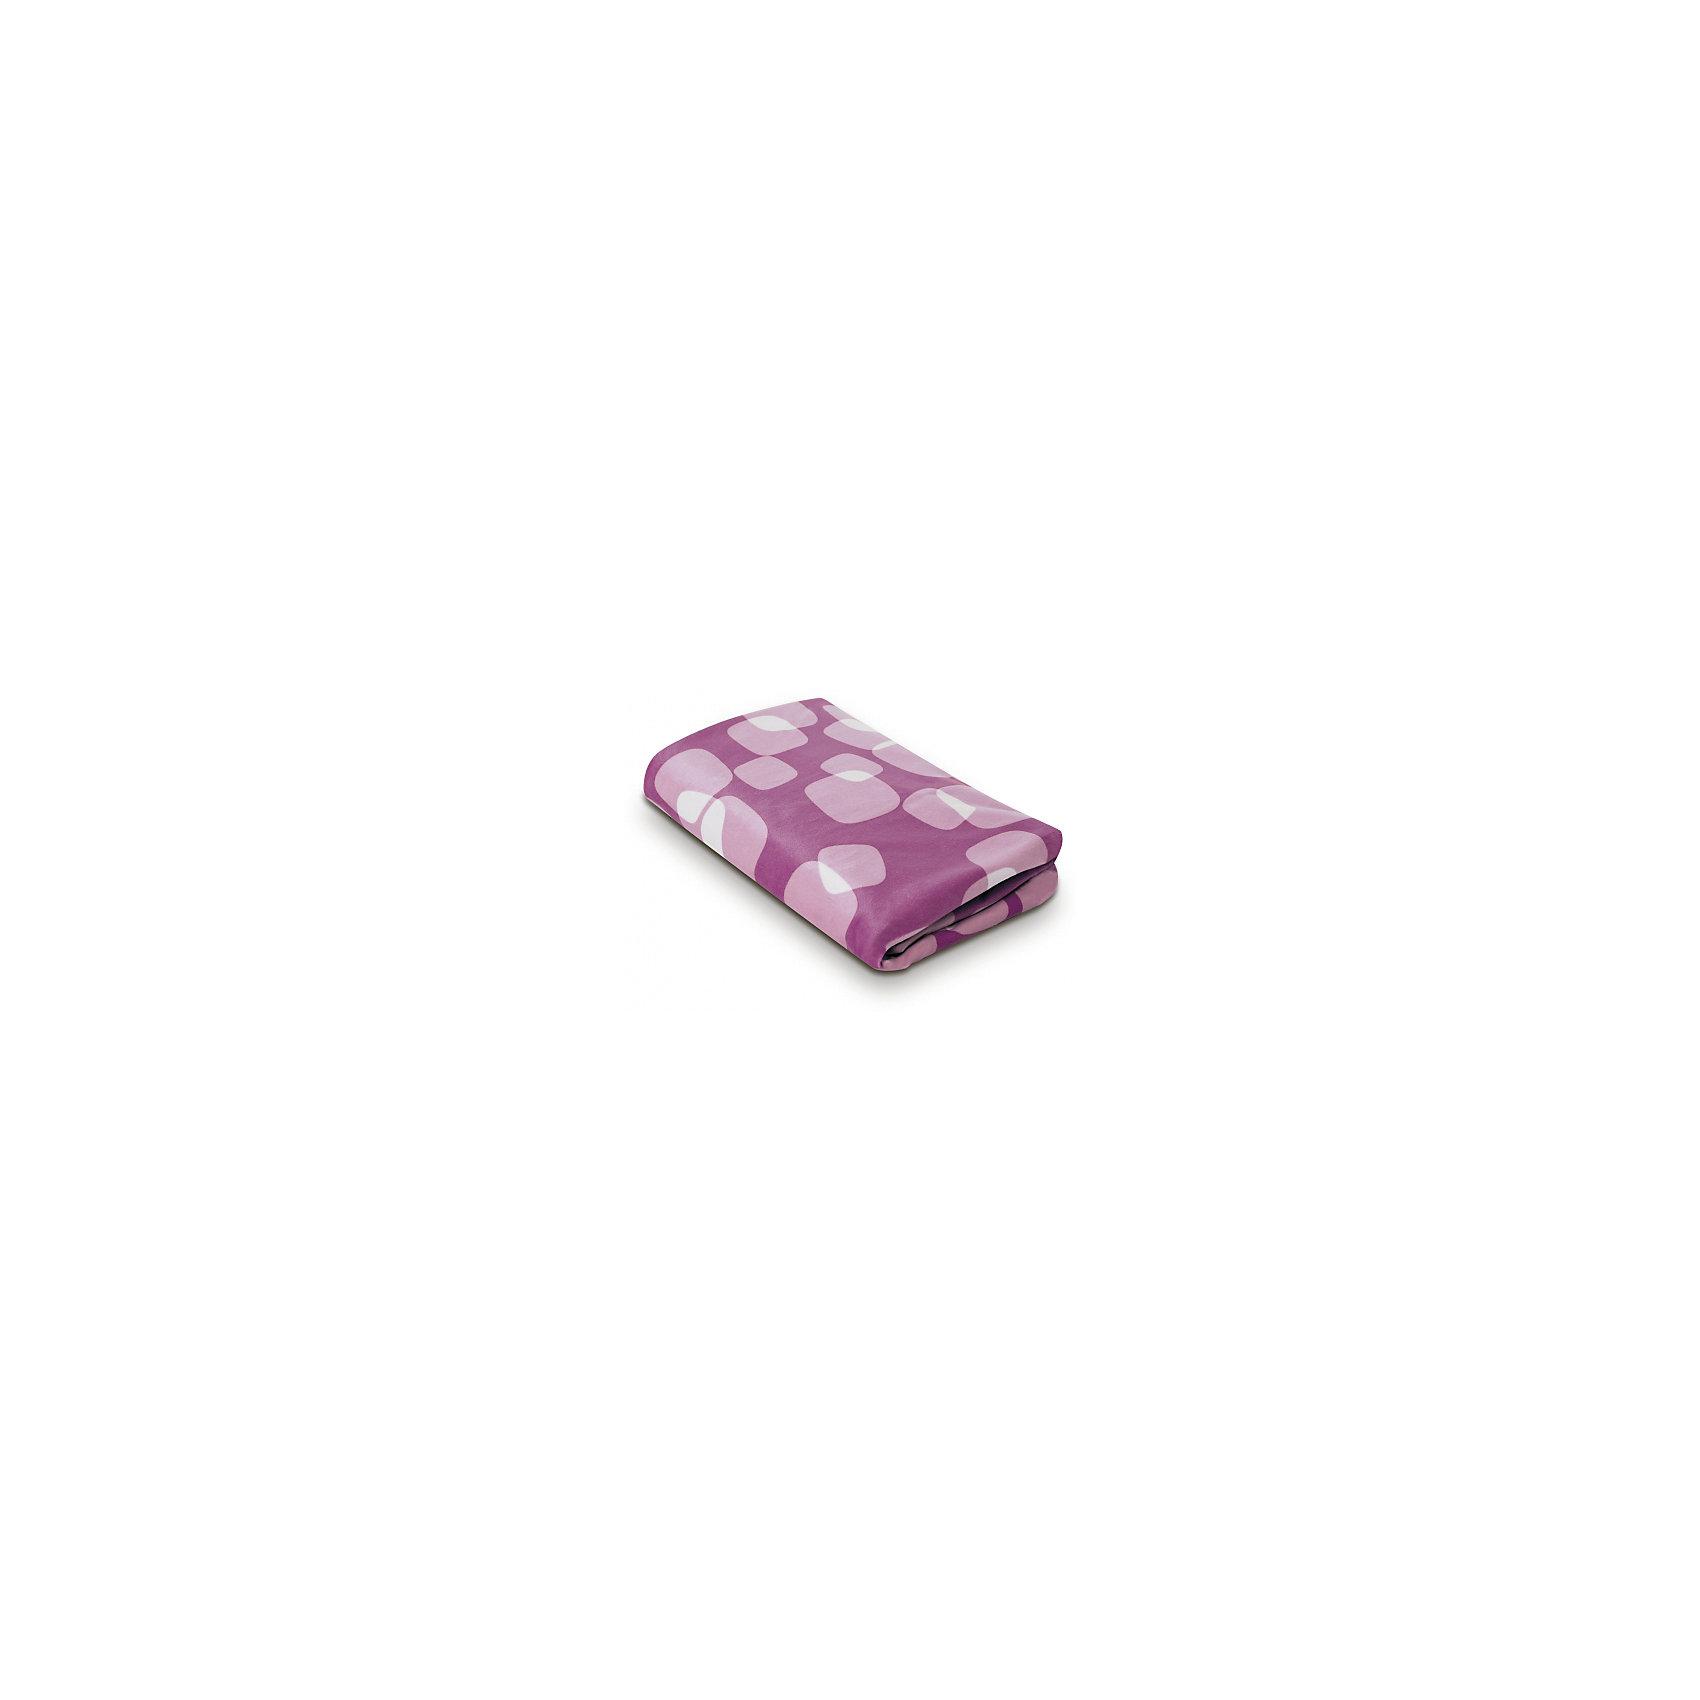 Наматрасник, верхний уровень, 4moms, бриз/розовыйПостельное бельё<br>Характеристики товара:<br><br>• возраст с рождения;<br>• материал: плюш;<br>• размер упаковки 21х15х5 см;<br>• вес упаковки 500 гр.;<br>• страна производитель: США<br><br>Наматрасник 4moms для верхнего уровня Breeze розовый подойдет для манежа-кроватки Breeze. Он изготовлен из мягкого материала, приятного на ощупь, безопасного для малышей. Специальная водоотталкивающая пропитка не дает возможности стекать жидкости и защищает манеж.<br><br>Наматрасник 4moms для верхнего уровня Breeze розовый можно приобрести в нашем интернет-магазине.<br><br>Ширина мм: 210<br>Глубина мм: 150<br>Высота мм: 50<br>Вес г: 500<br>Возраст от месяцев: 0<br>Возраст до месяцев: 36<br>Пол: Унисекс<br>Возраст: Детский<br>SKU: 5572074